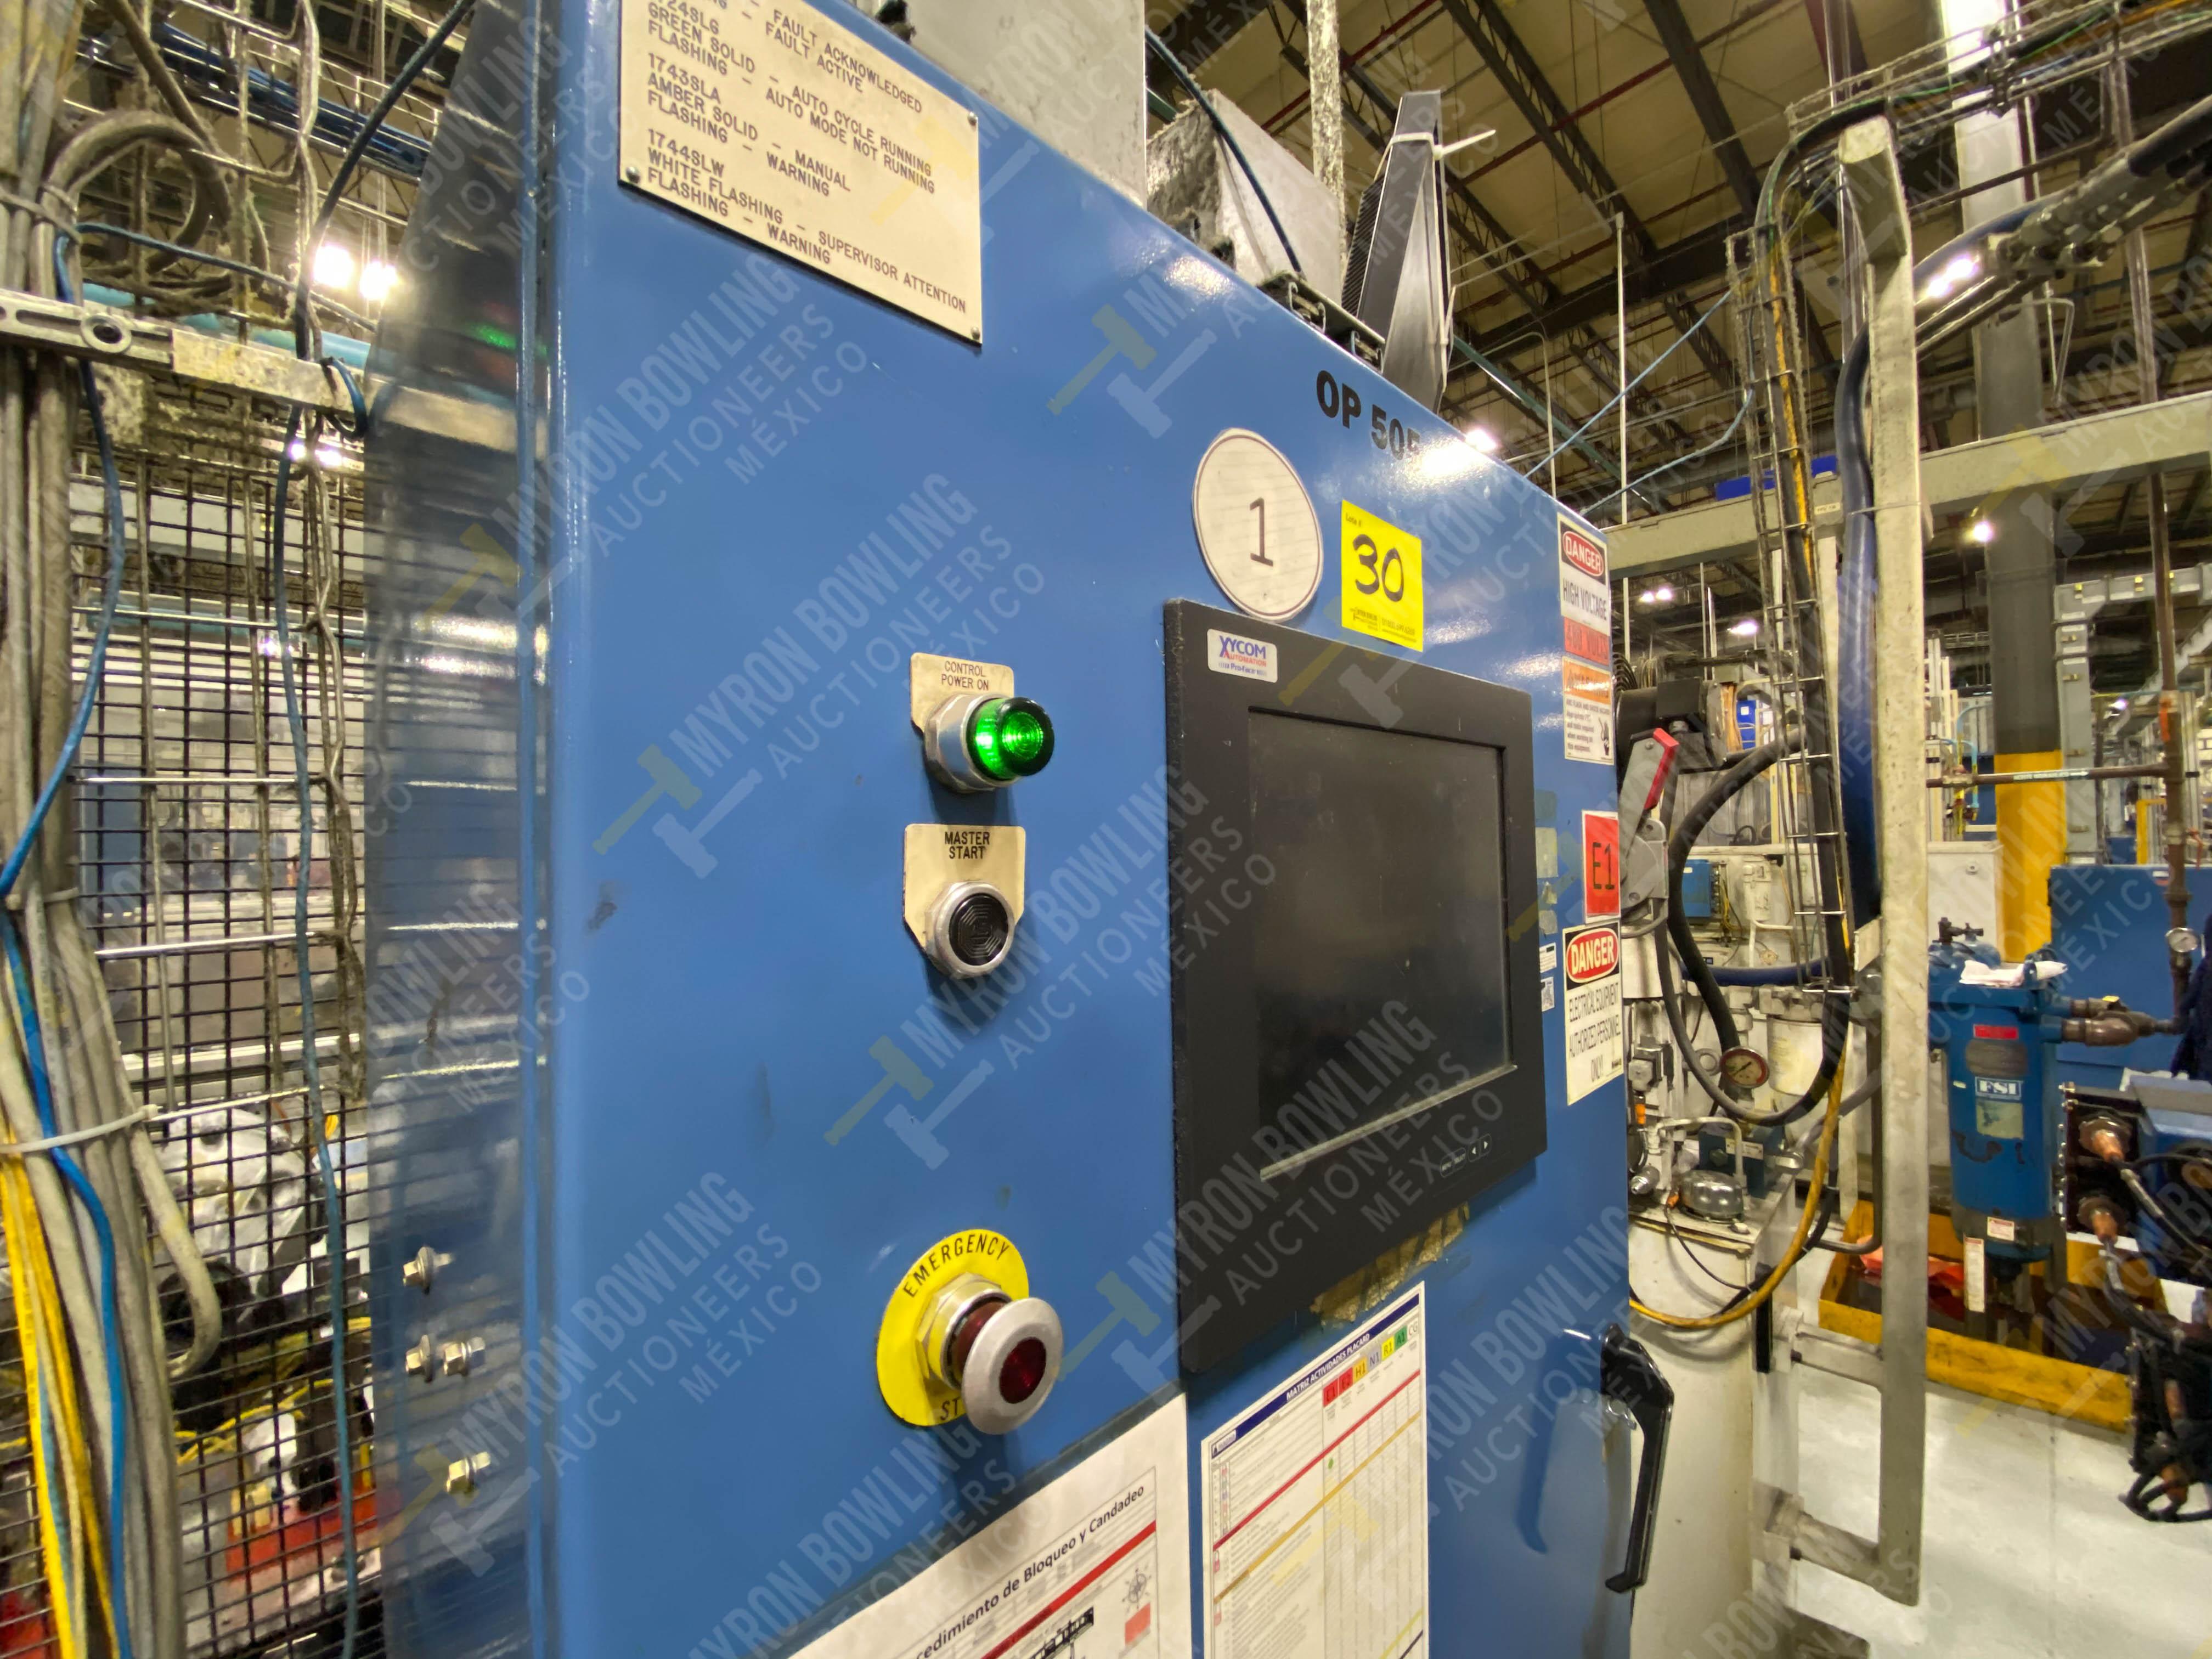 Estación semiautomática para operación 415, contiene: Máquina pesadora de piezas con 1 cilindro - Image 2 of 16